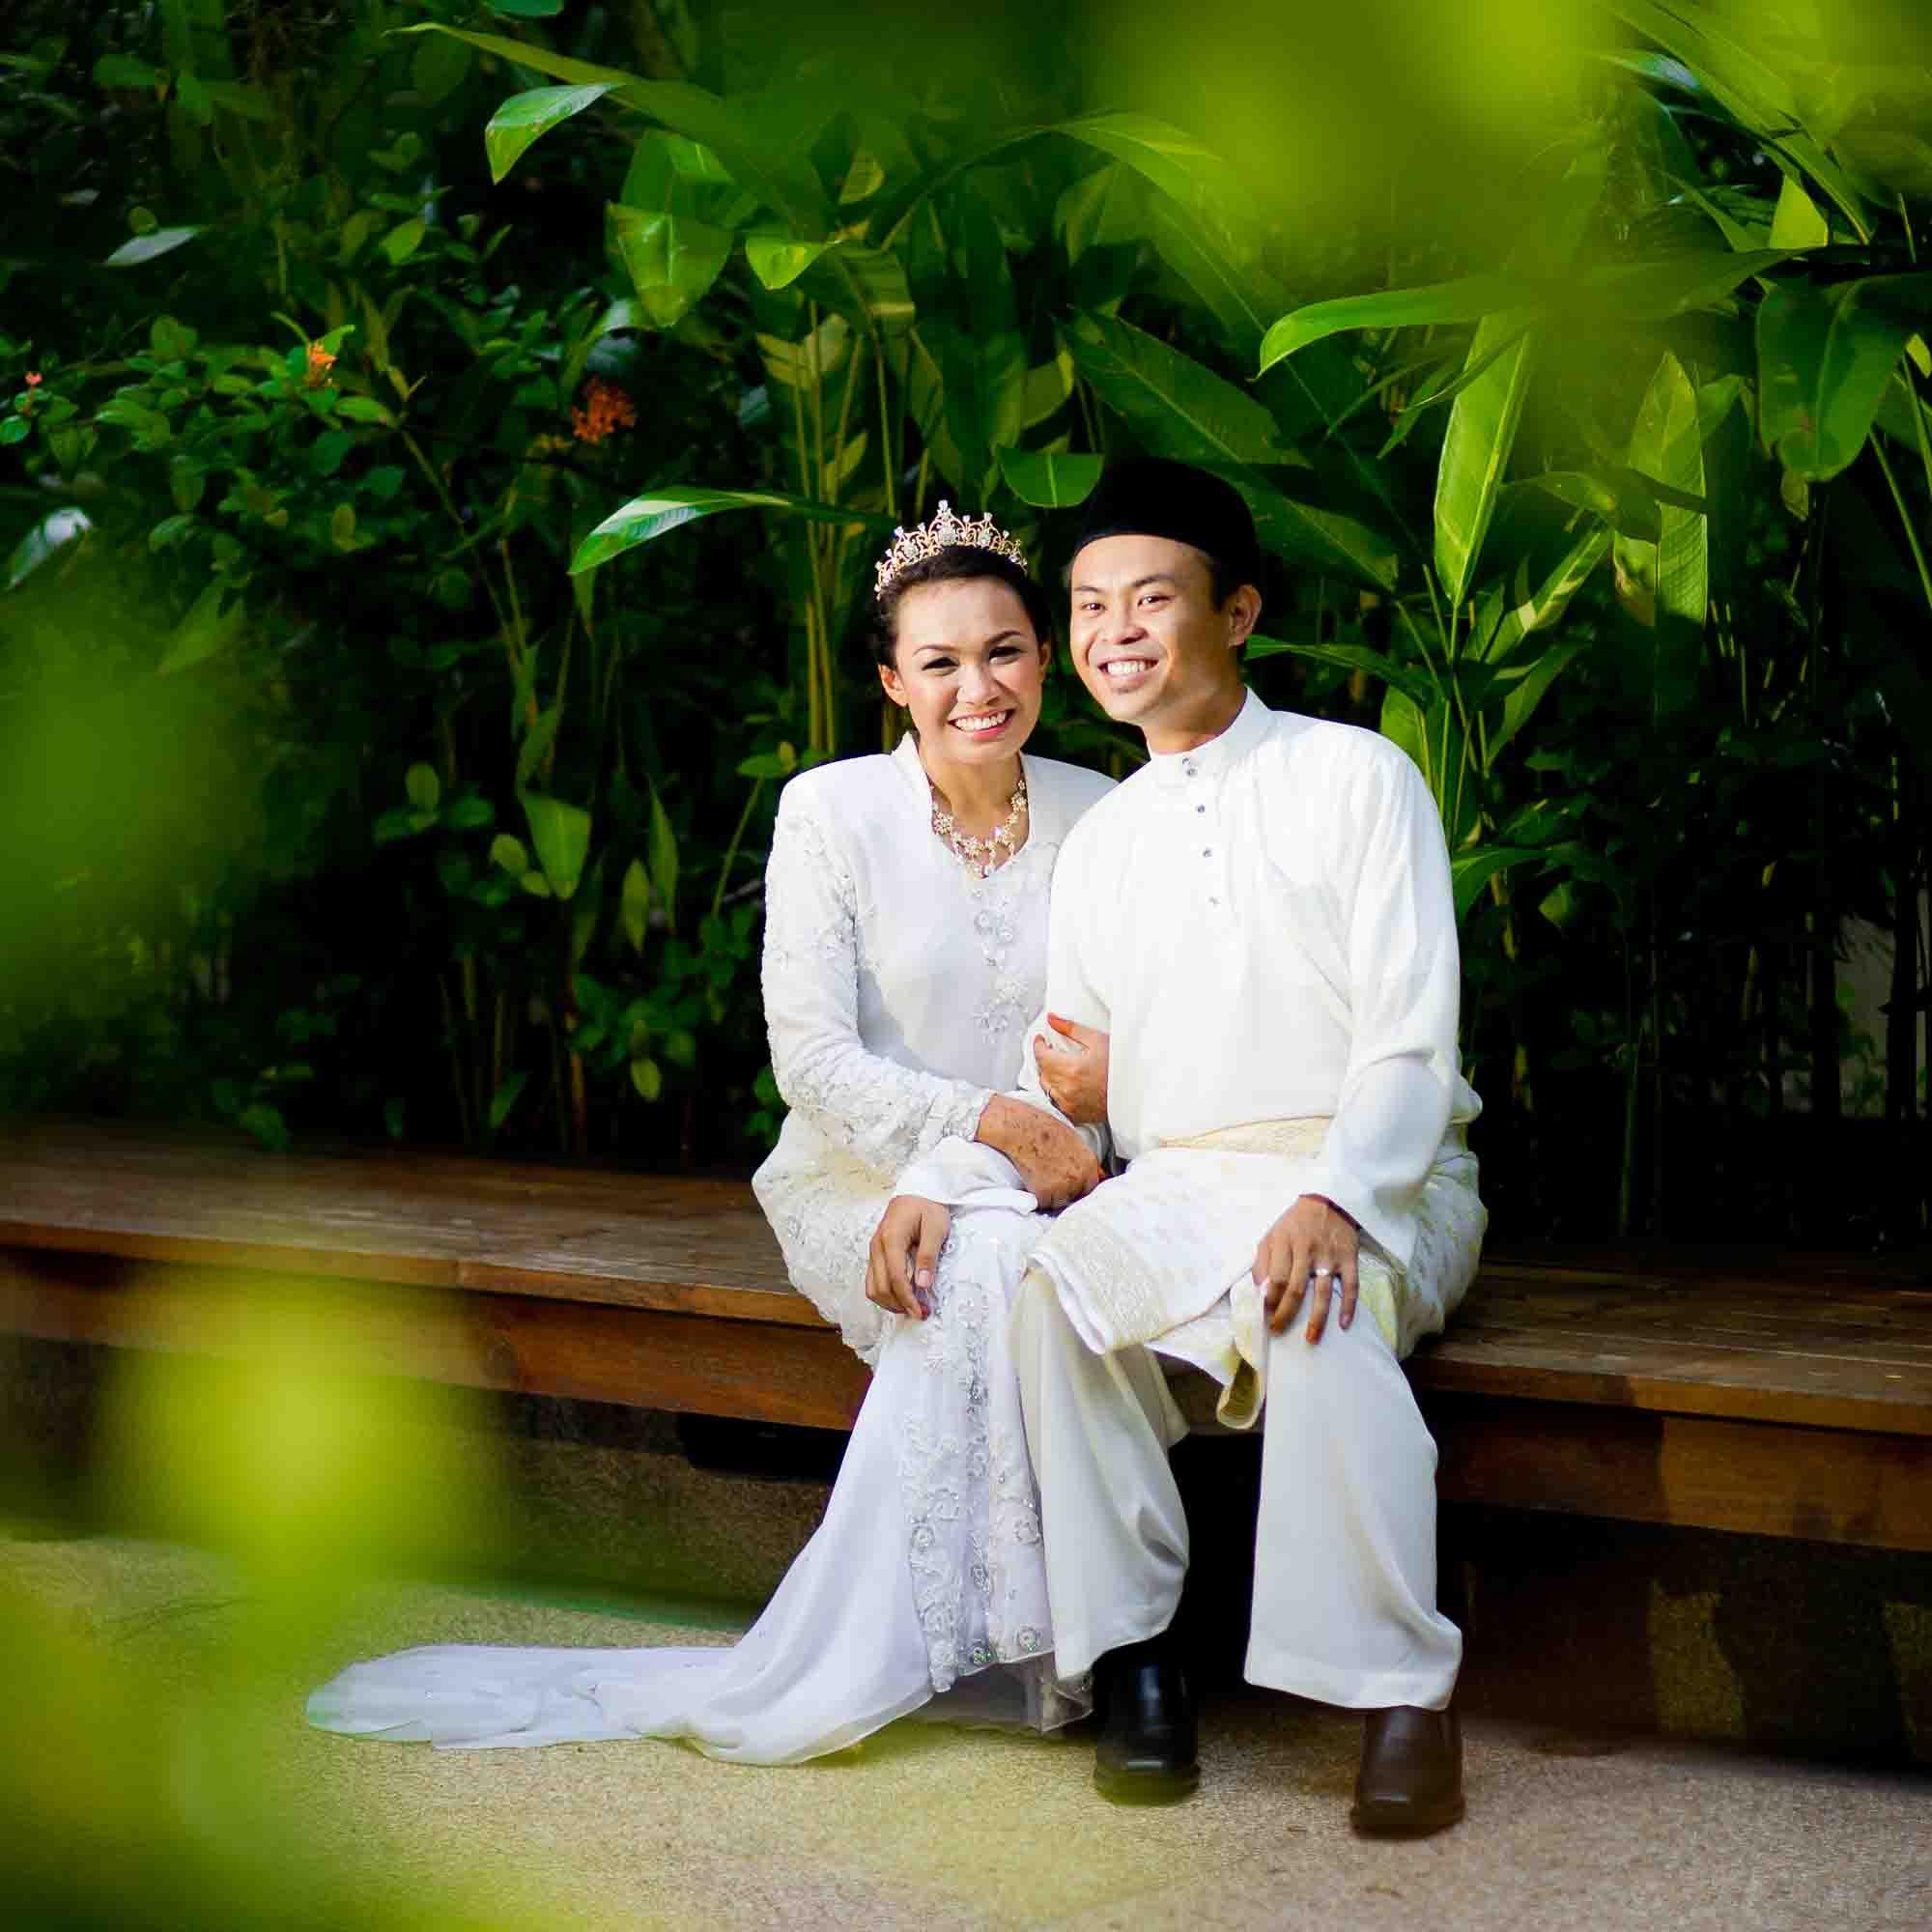 Ariyasom Villa Honeymoon Session - 11 June 2012